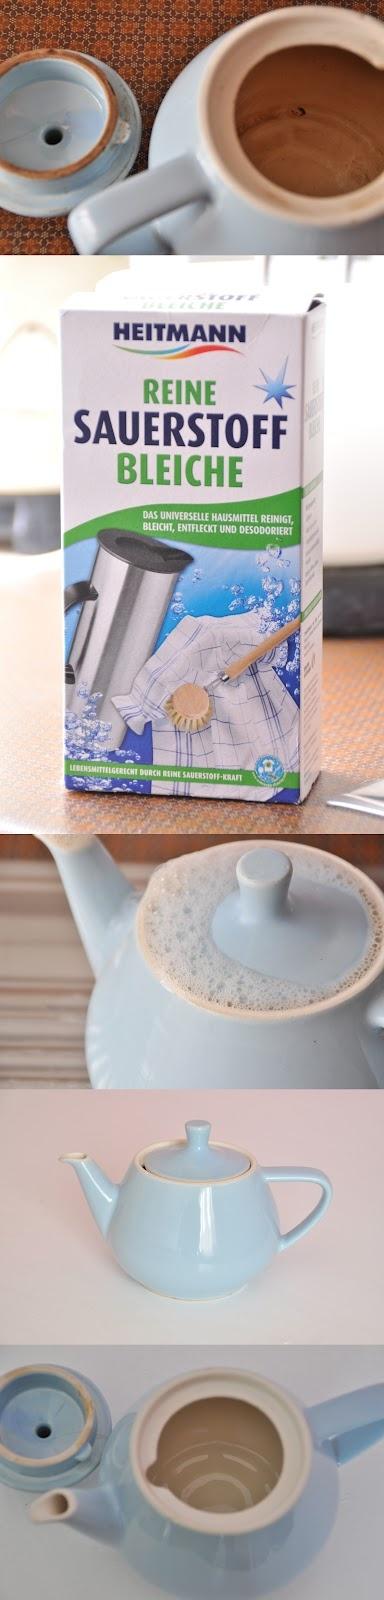 Verschmutztes Geschirr reinigen... von Trödelhaus (Anleitung)